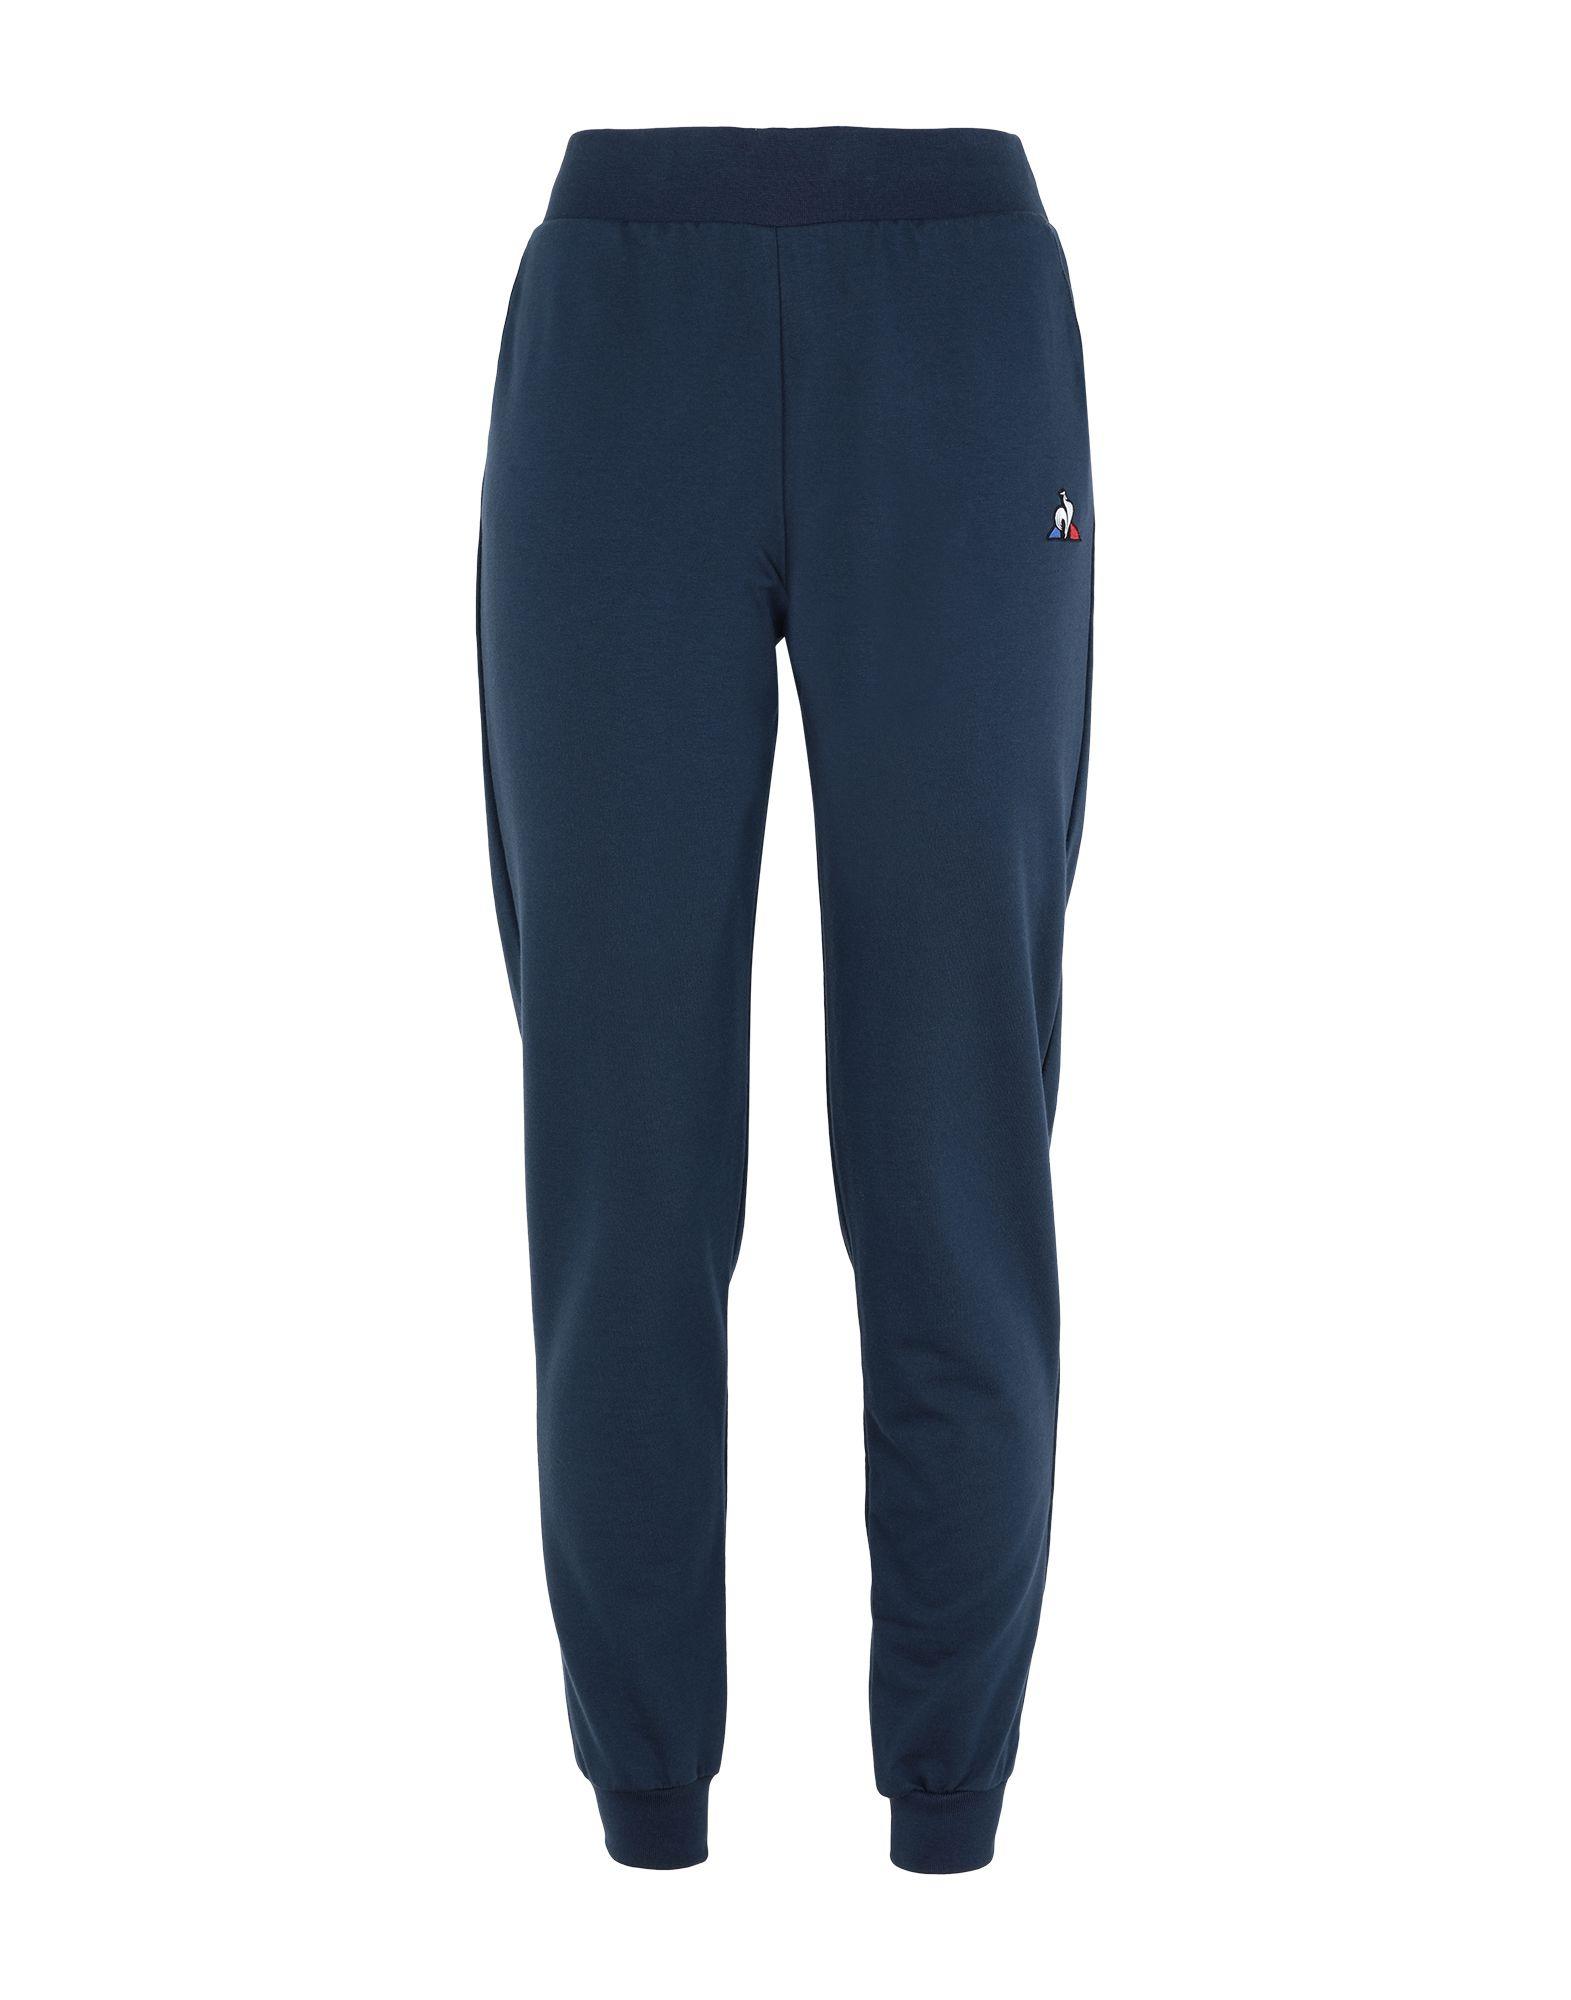 《セール開催中》LE COQ SPORTIF レディース パンツ ダークブルー M コットン 100% ESS Pant Regular N°1 W